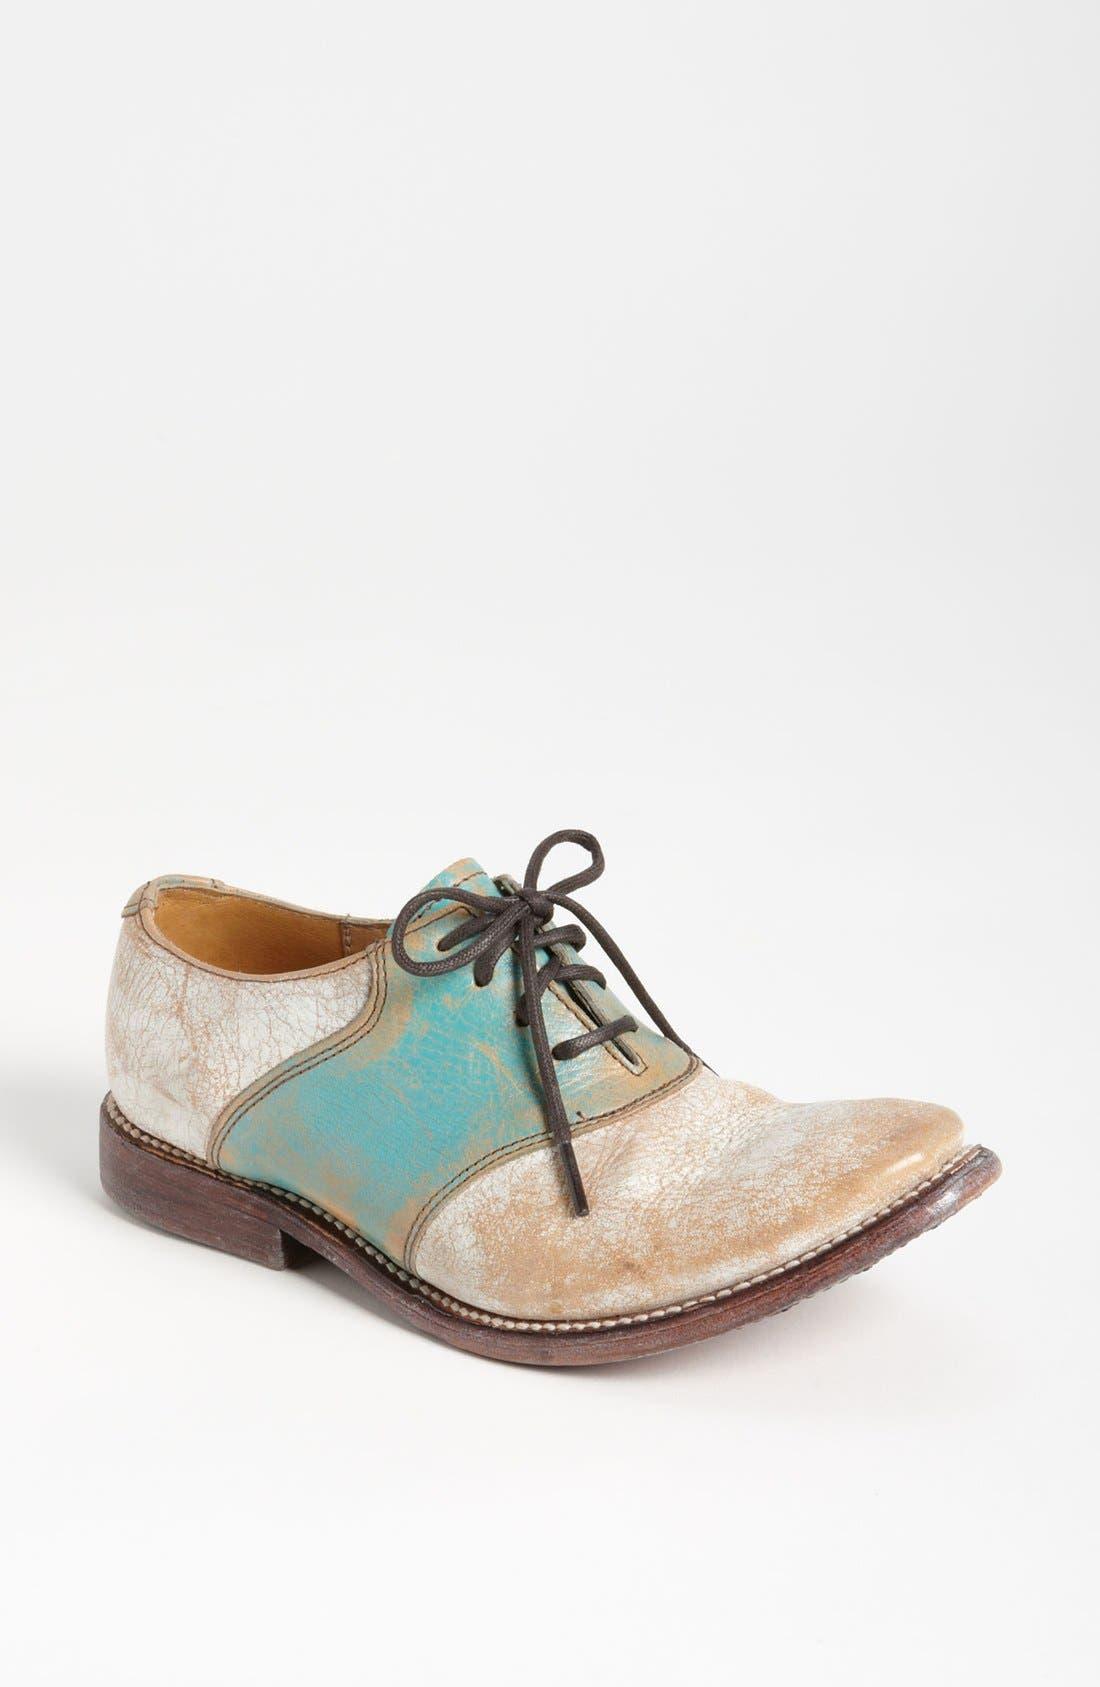 Alternate Image 1 Selected - Bed Stu 'Fury' Saddle Shoe